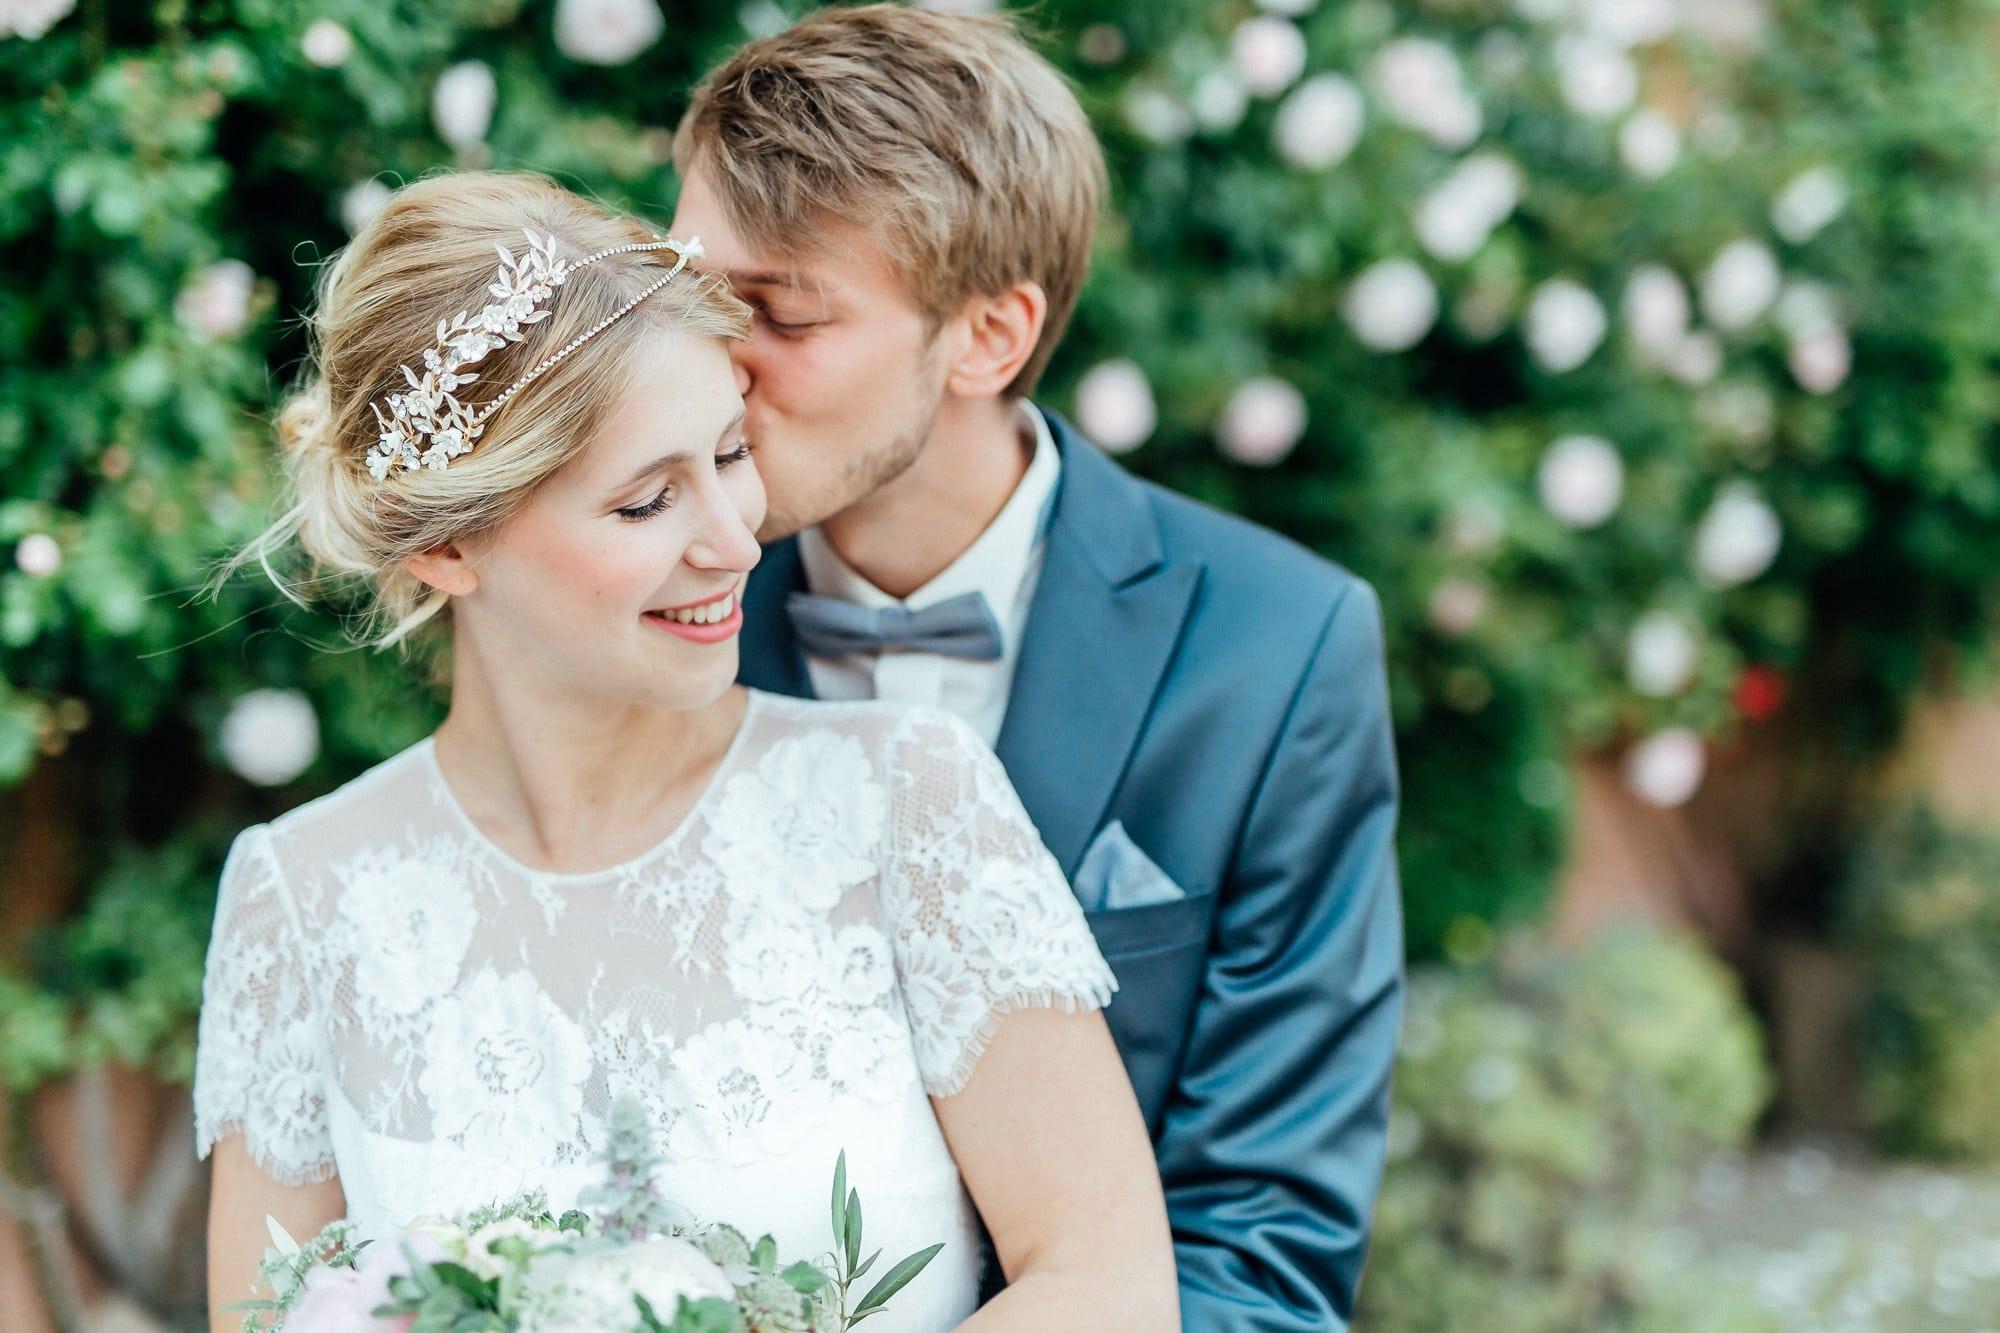 Hochzeit Fotoshooting Haarkranz Blumenstrauß